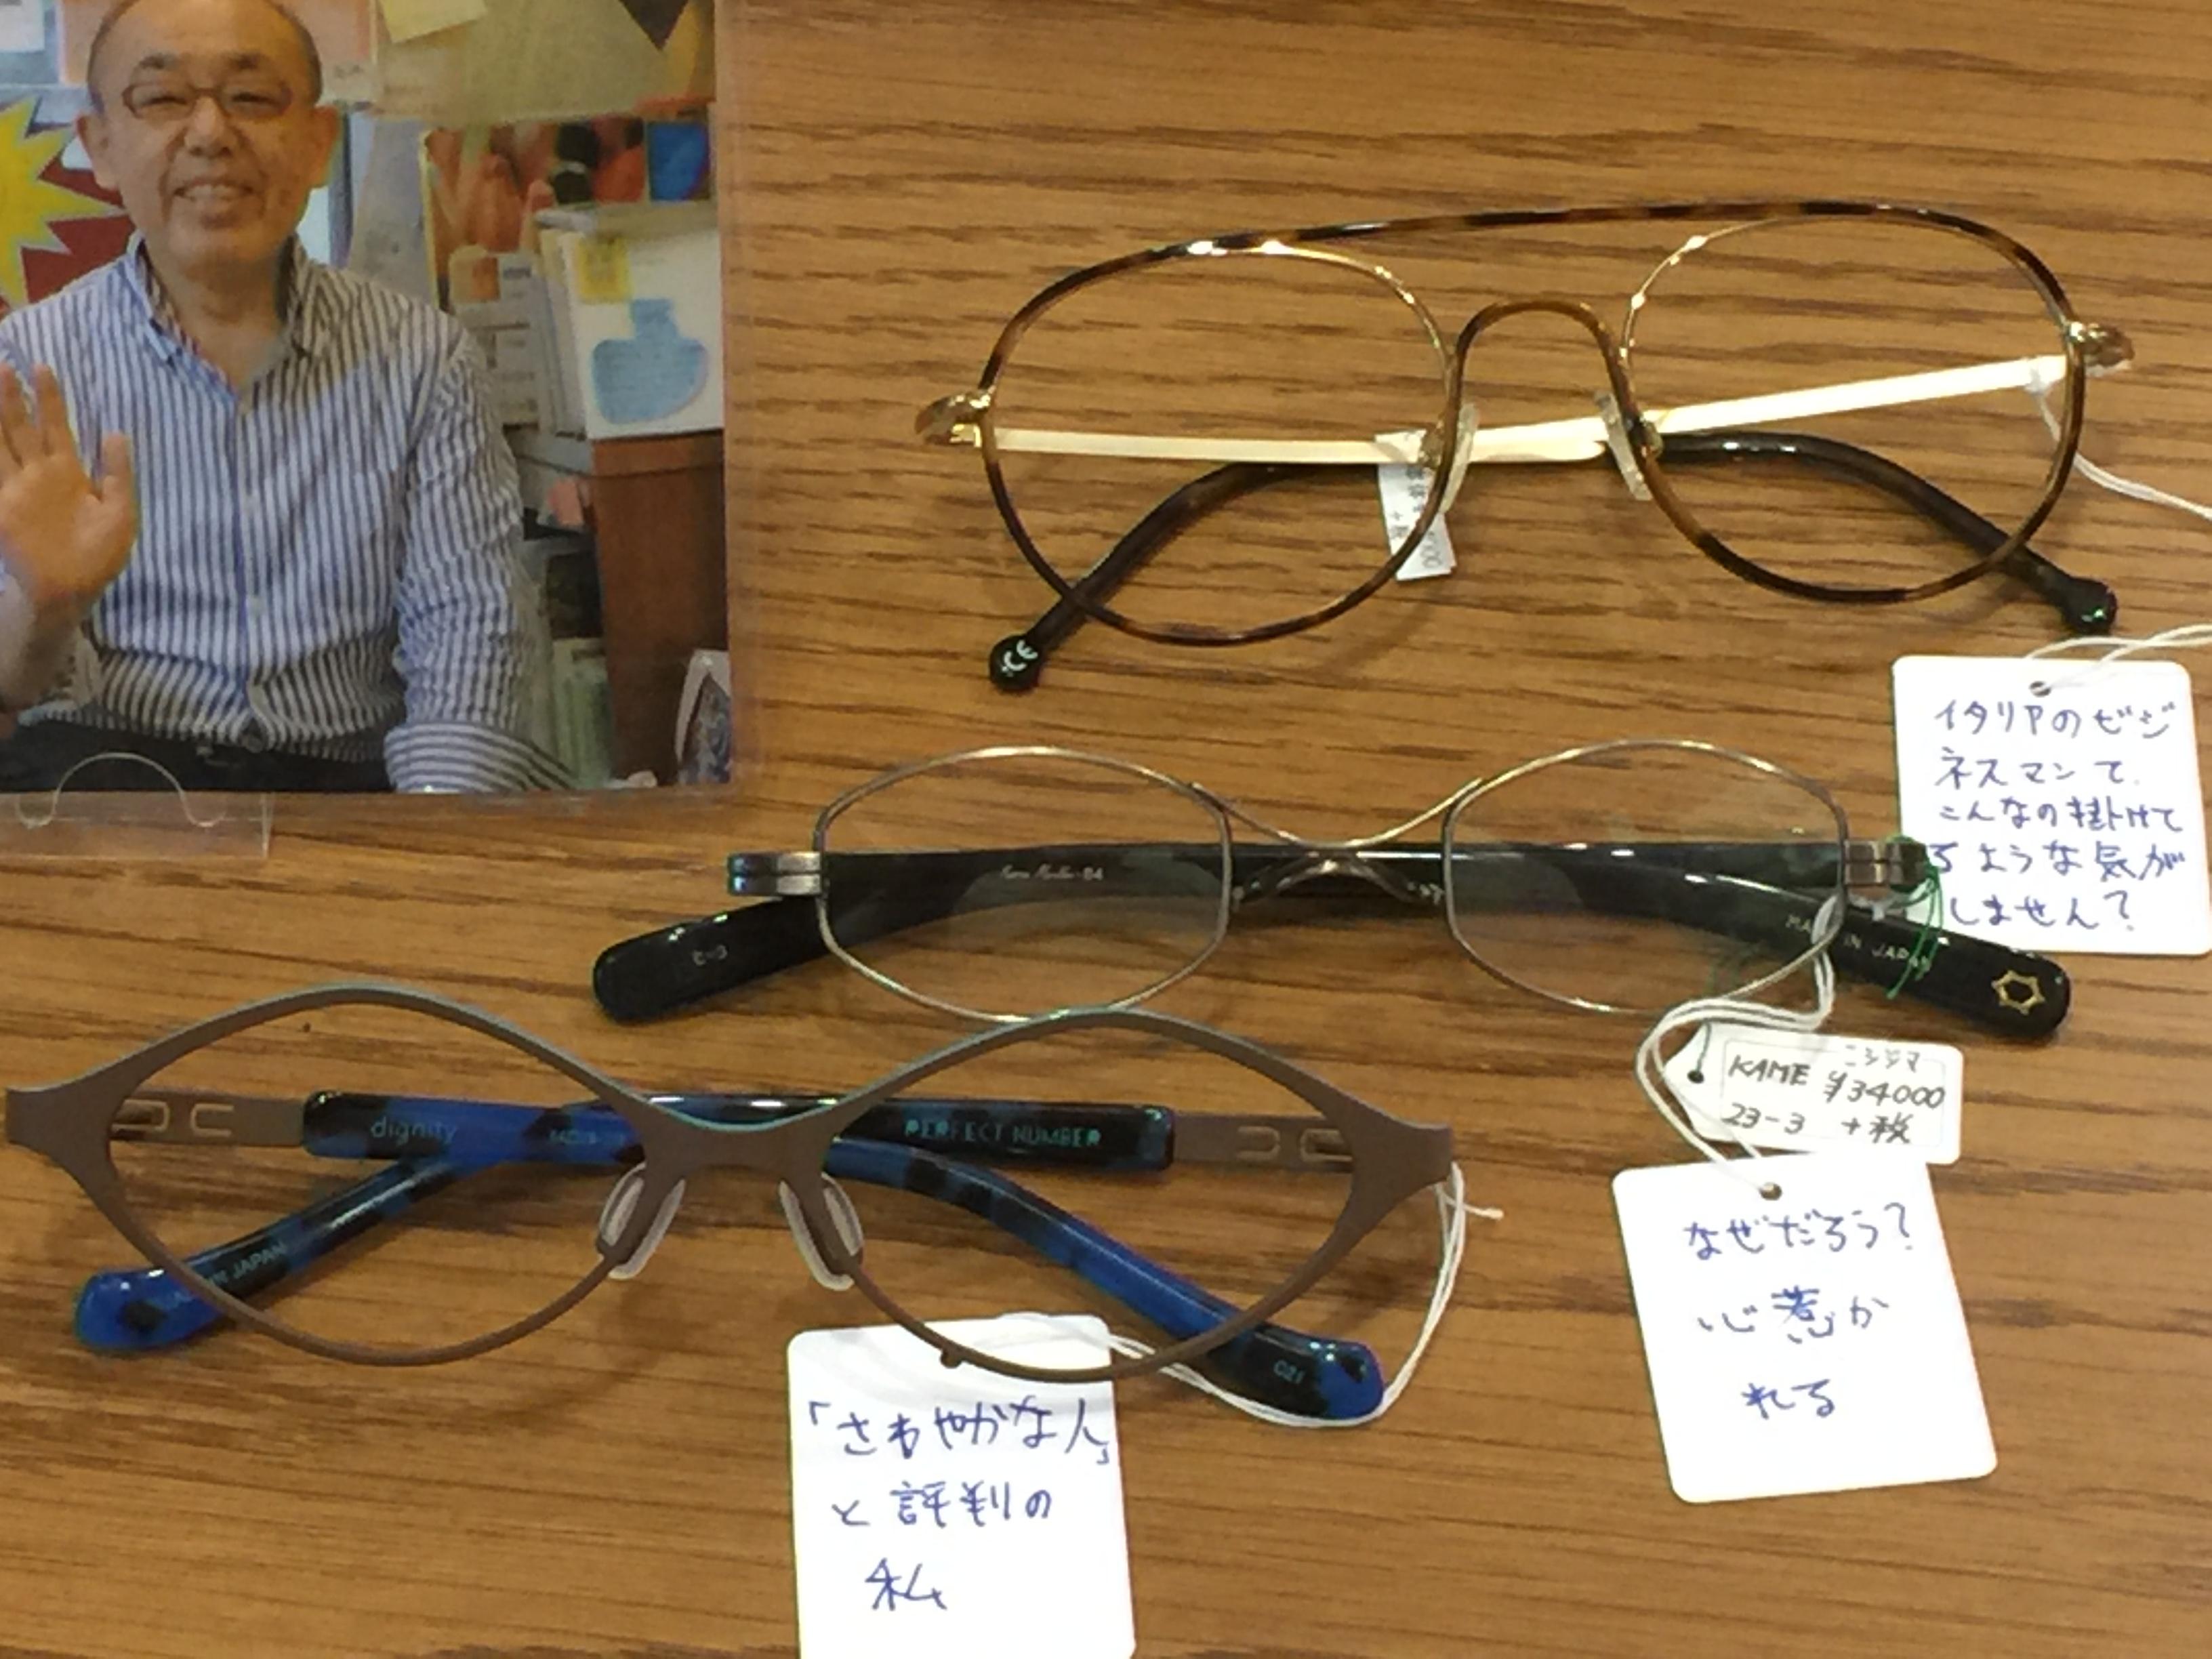 モトキさんにオススメメガネ